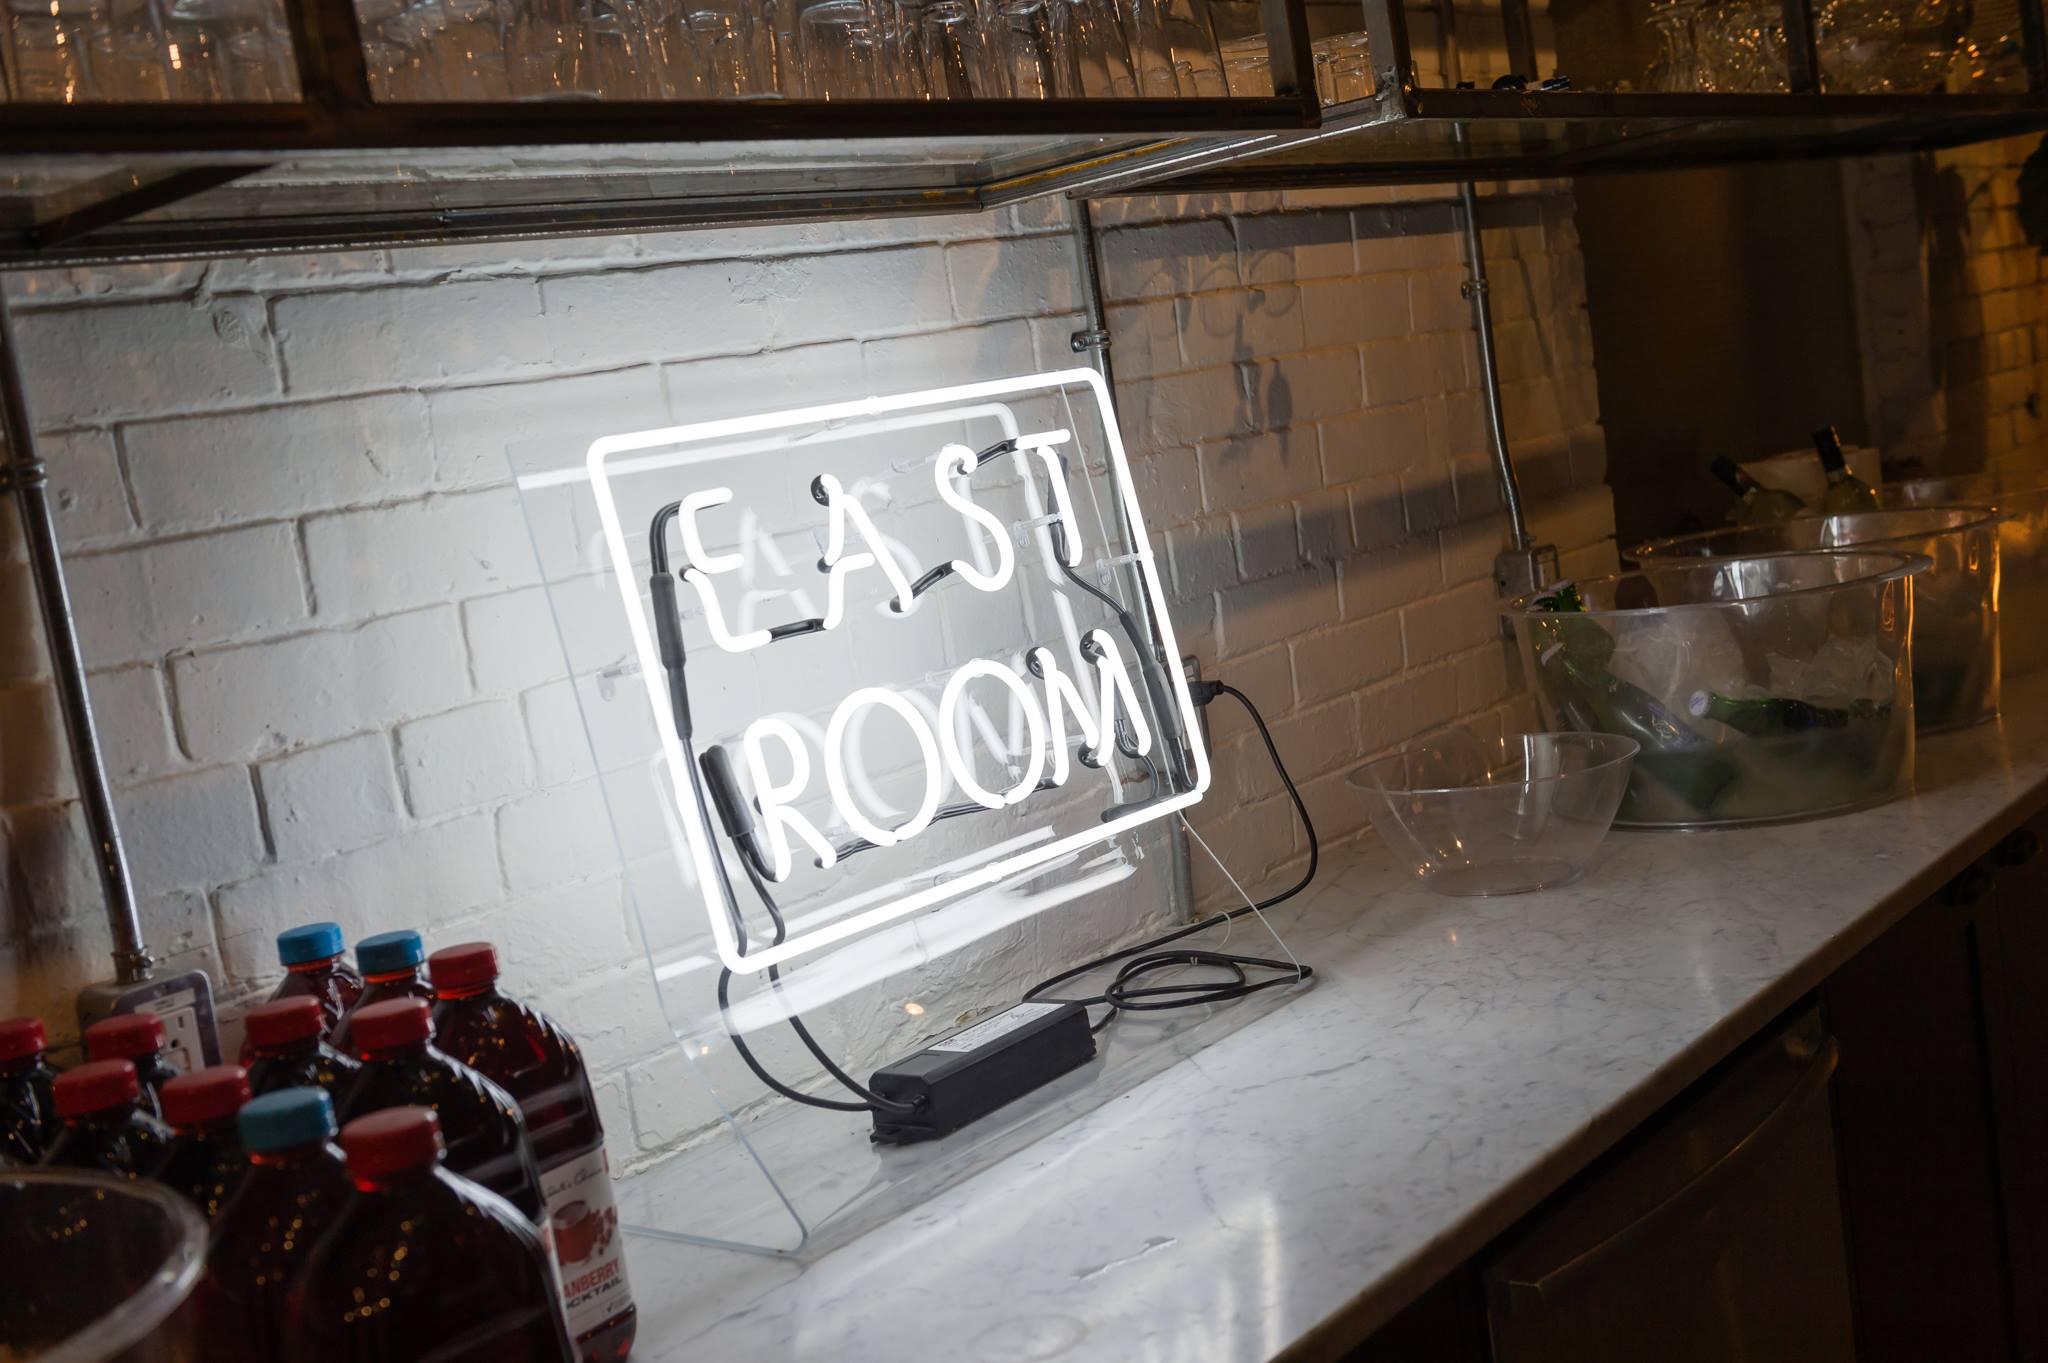 east room toronto